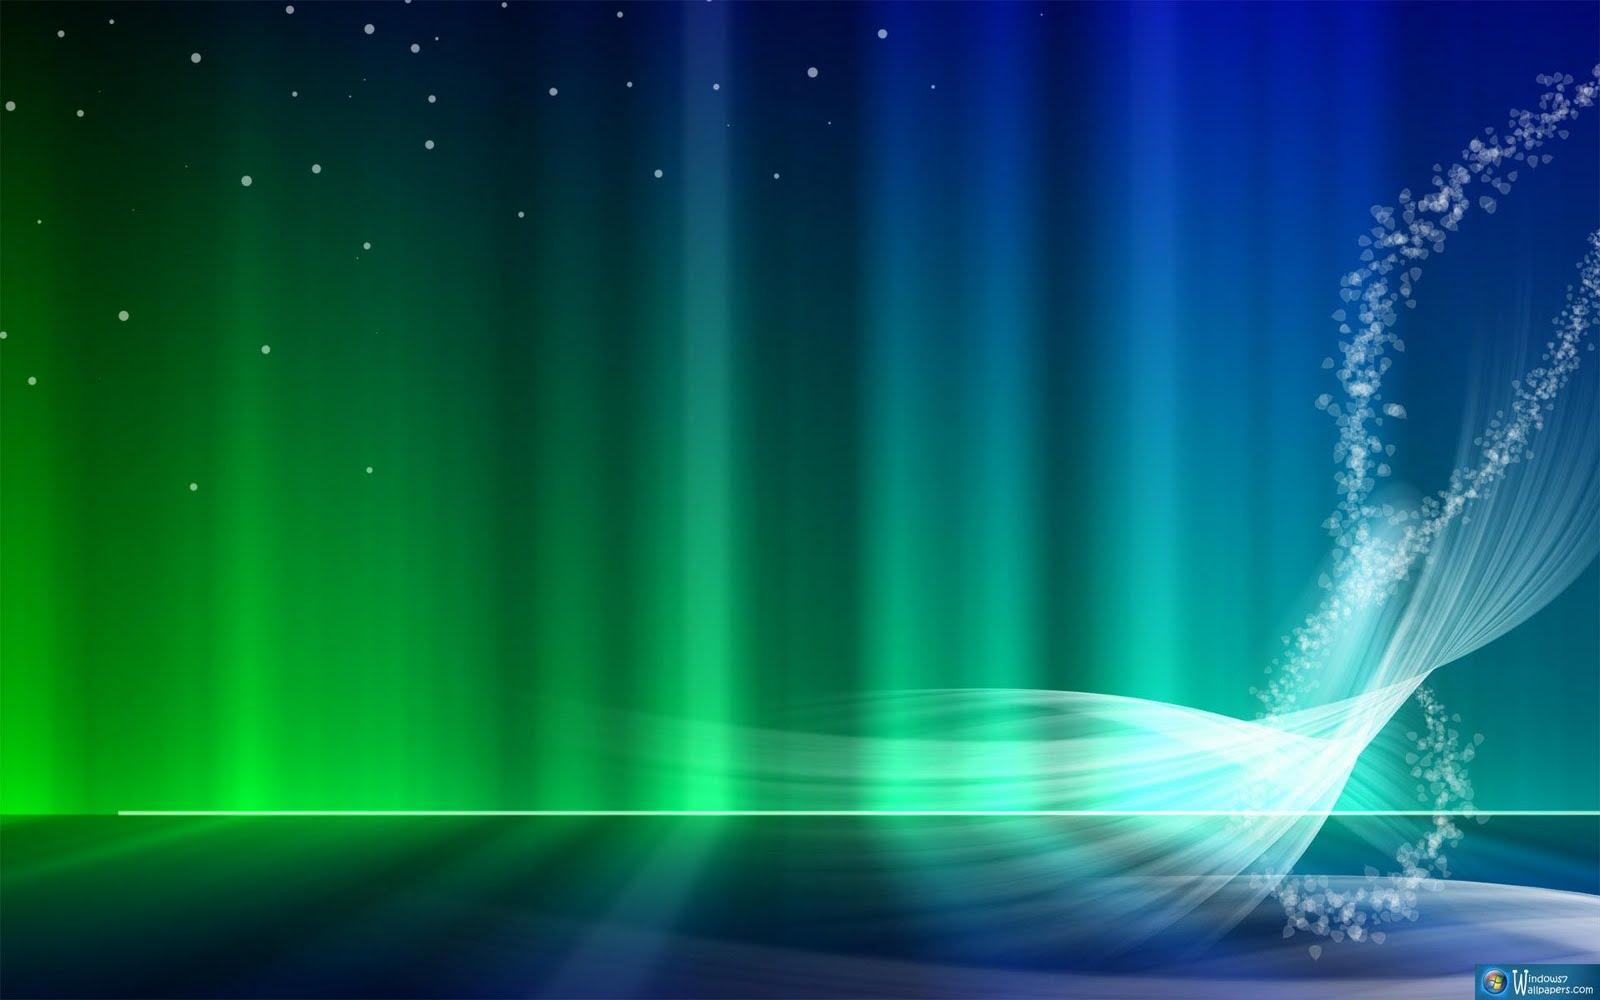 http://3.bp.blogspot.com/-U1TsWupIxak/TiiZFUtDbeI/AAAAAAAALjM/CaESW-fJesw/s1600/wallpaper%2Bwindows%2B7-2.jpg